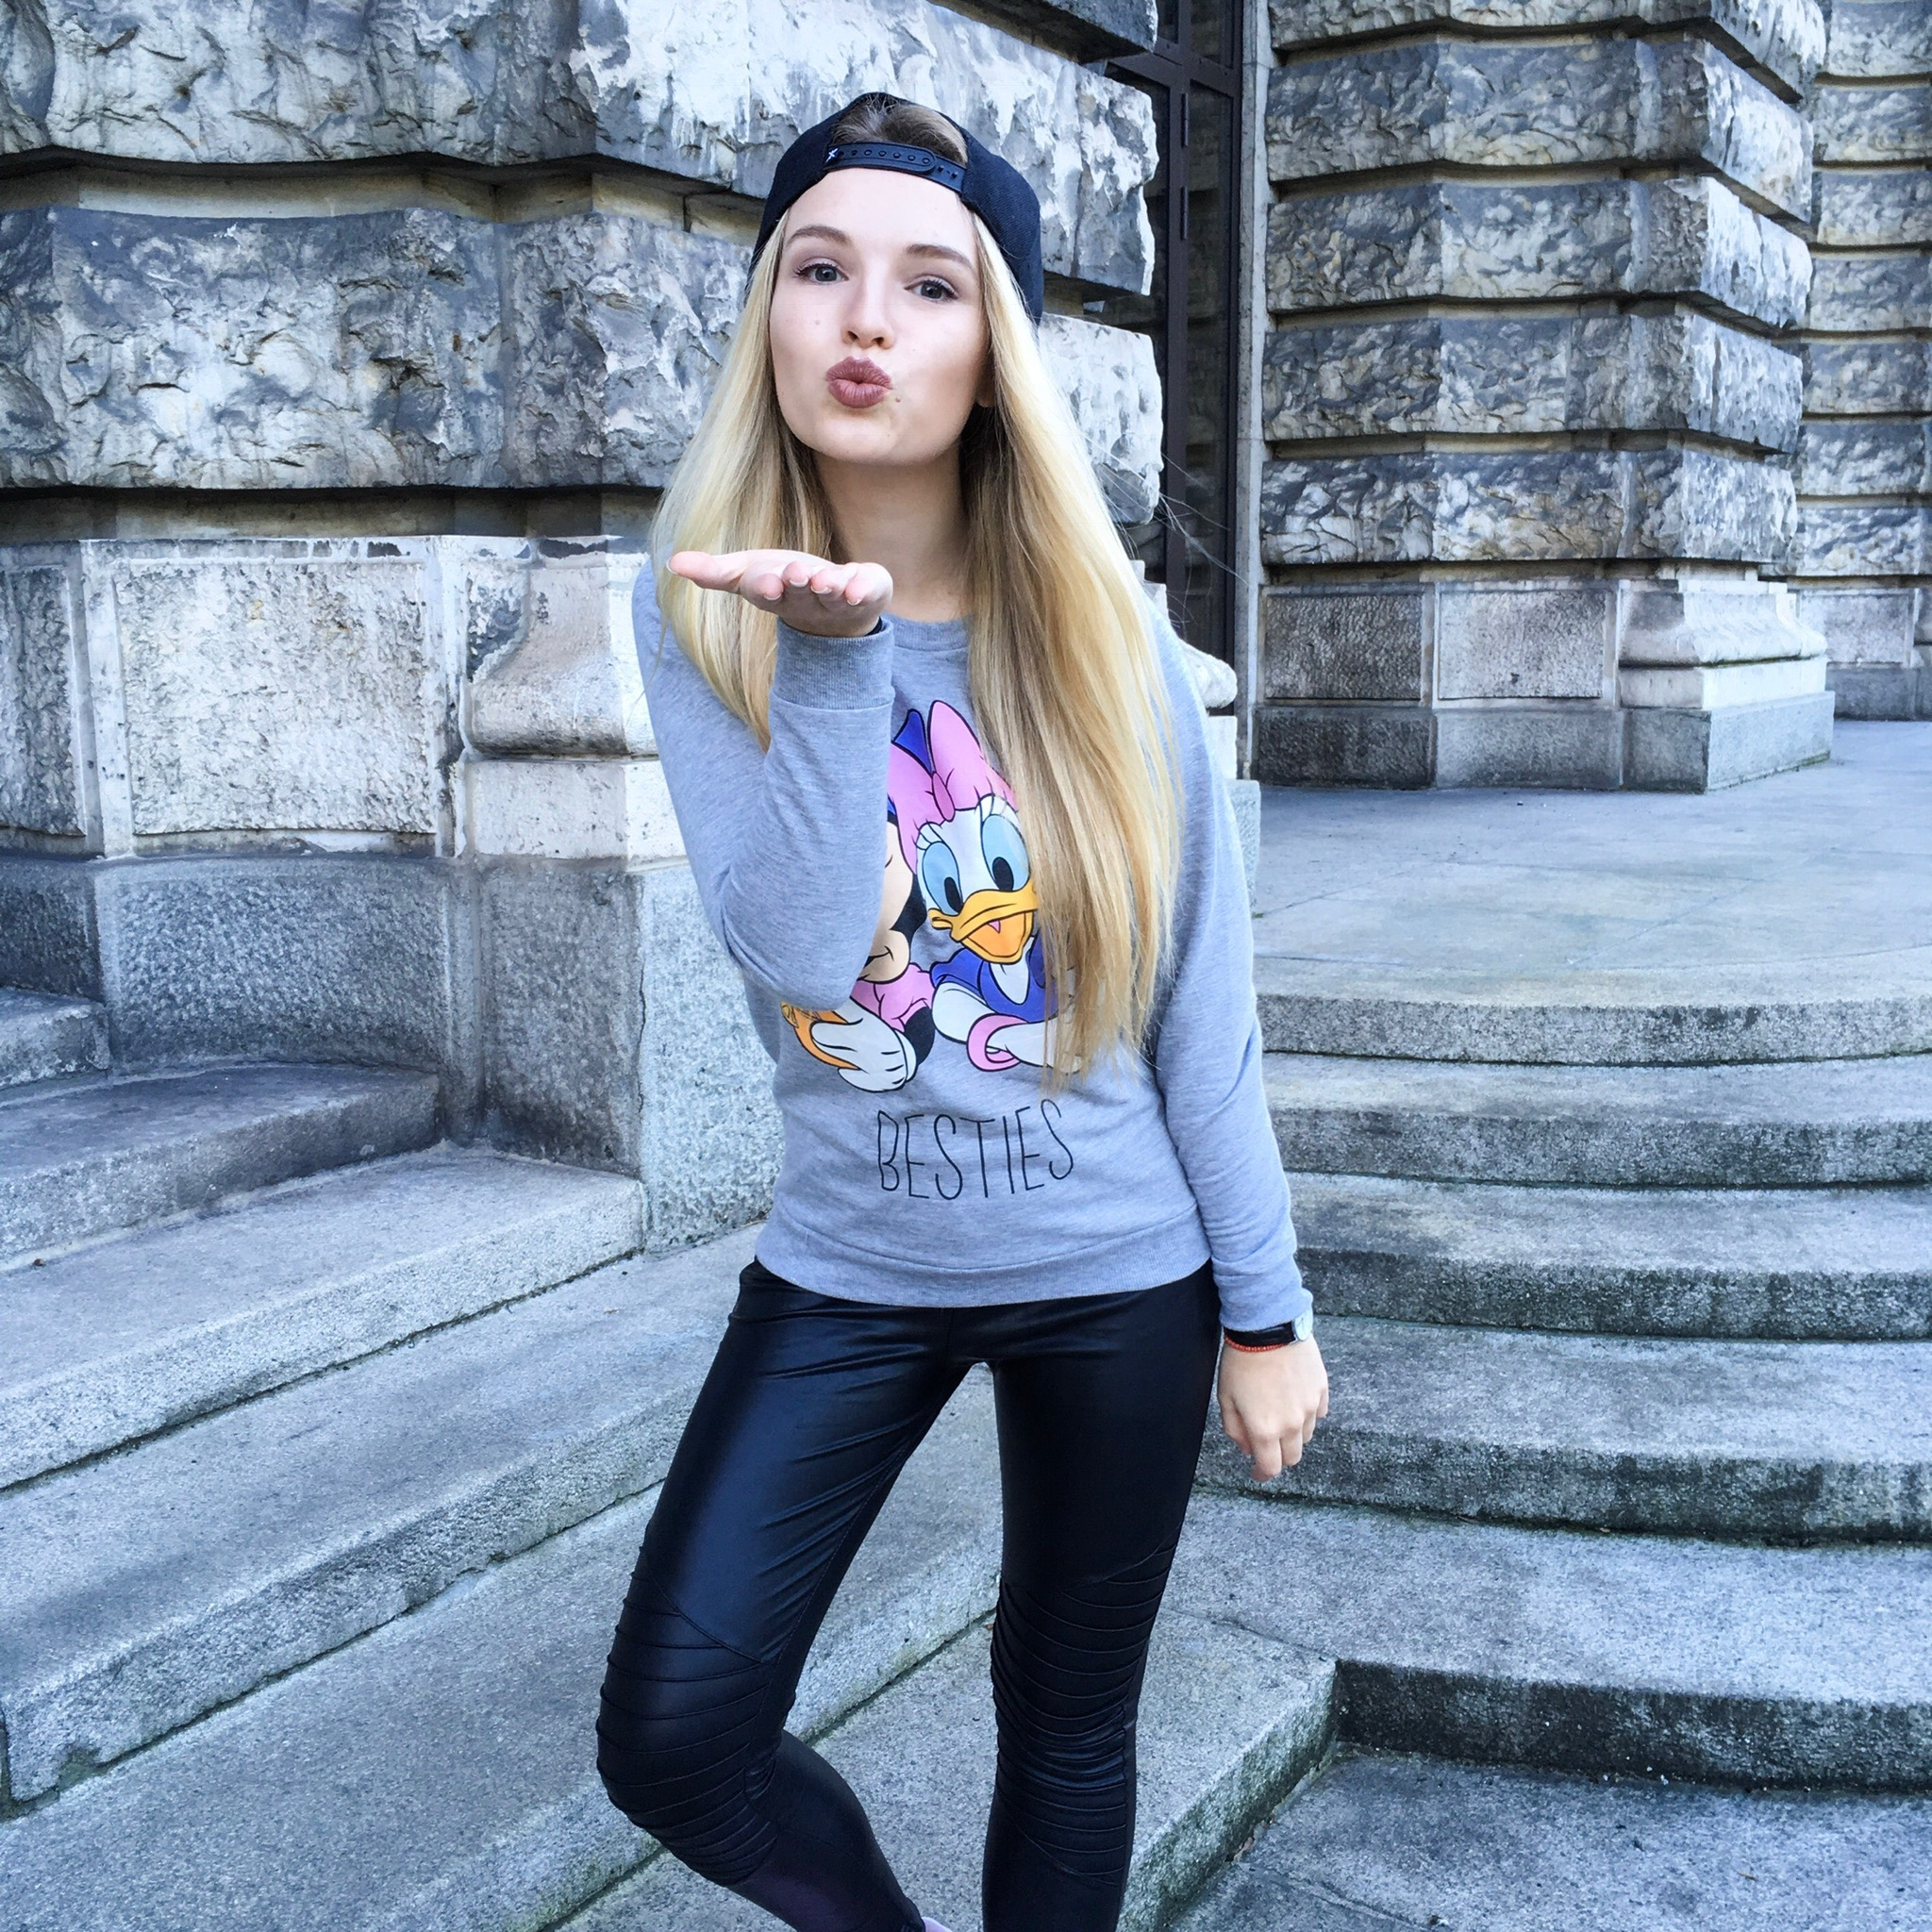 franziska-elea-wie-bekomme-ich-mehr-follower-auf-dem-blog-tipps-fuer-einsteiger-anfangen-mit-dem-bloggen-modeblog-aus-muenchen